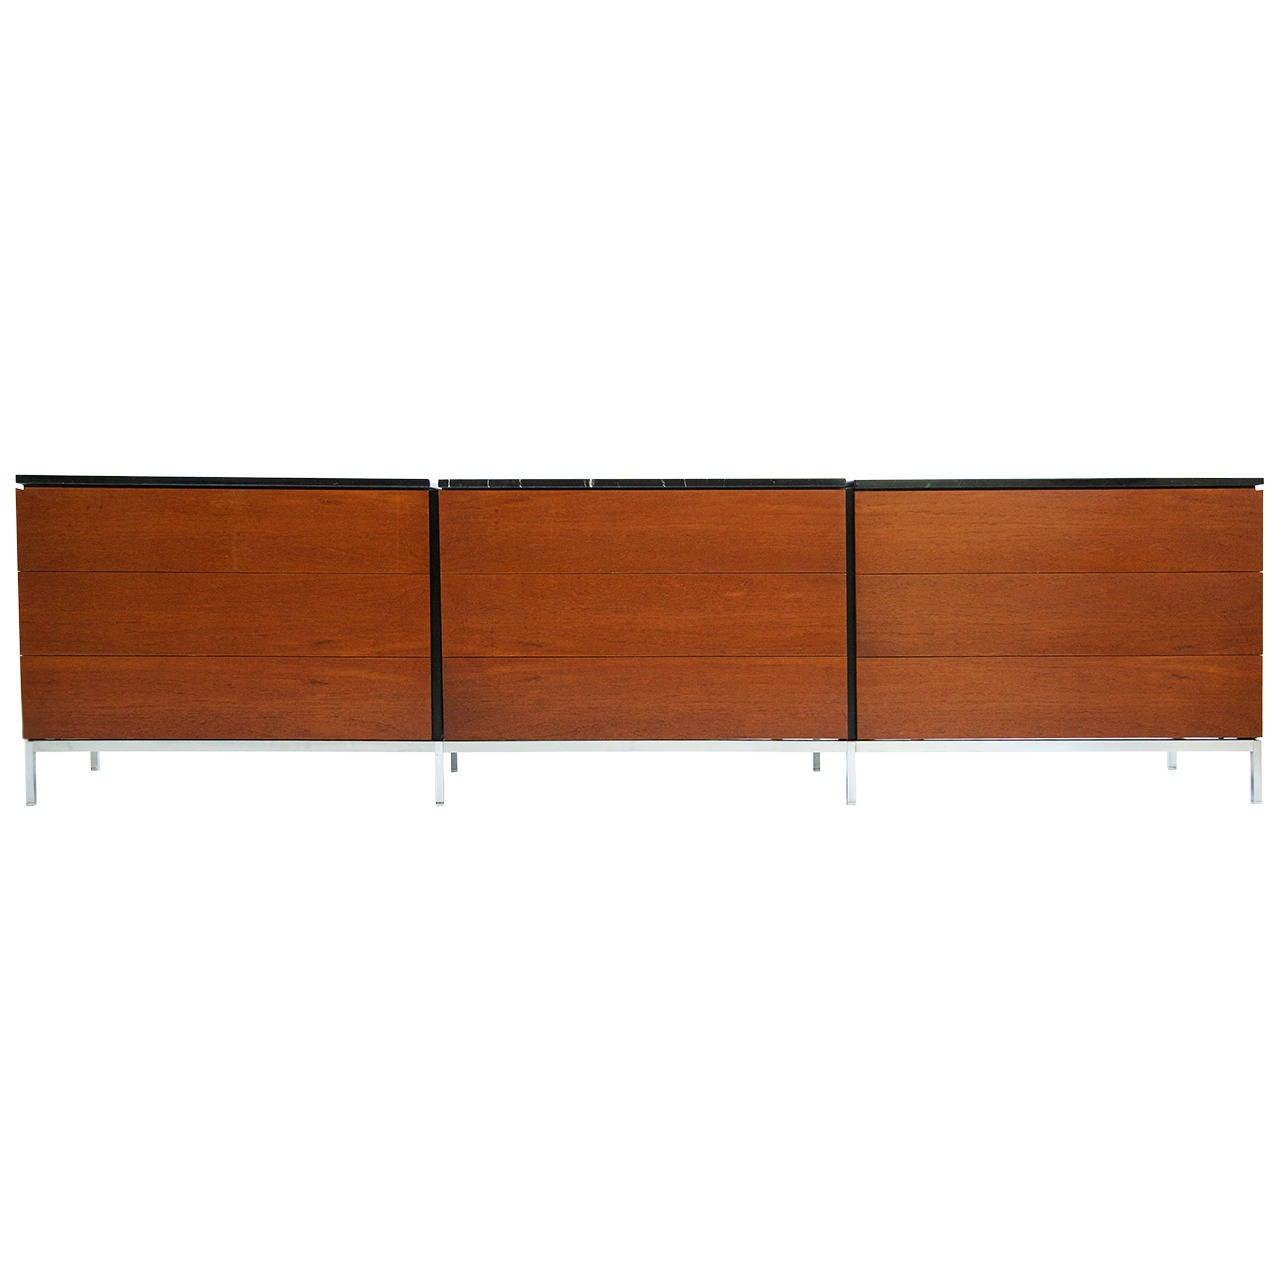 Florence Knoll Dresser Set